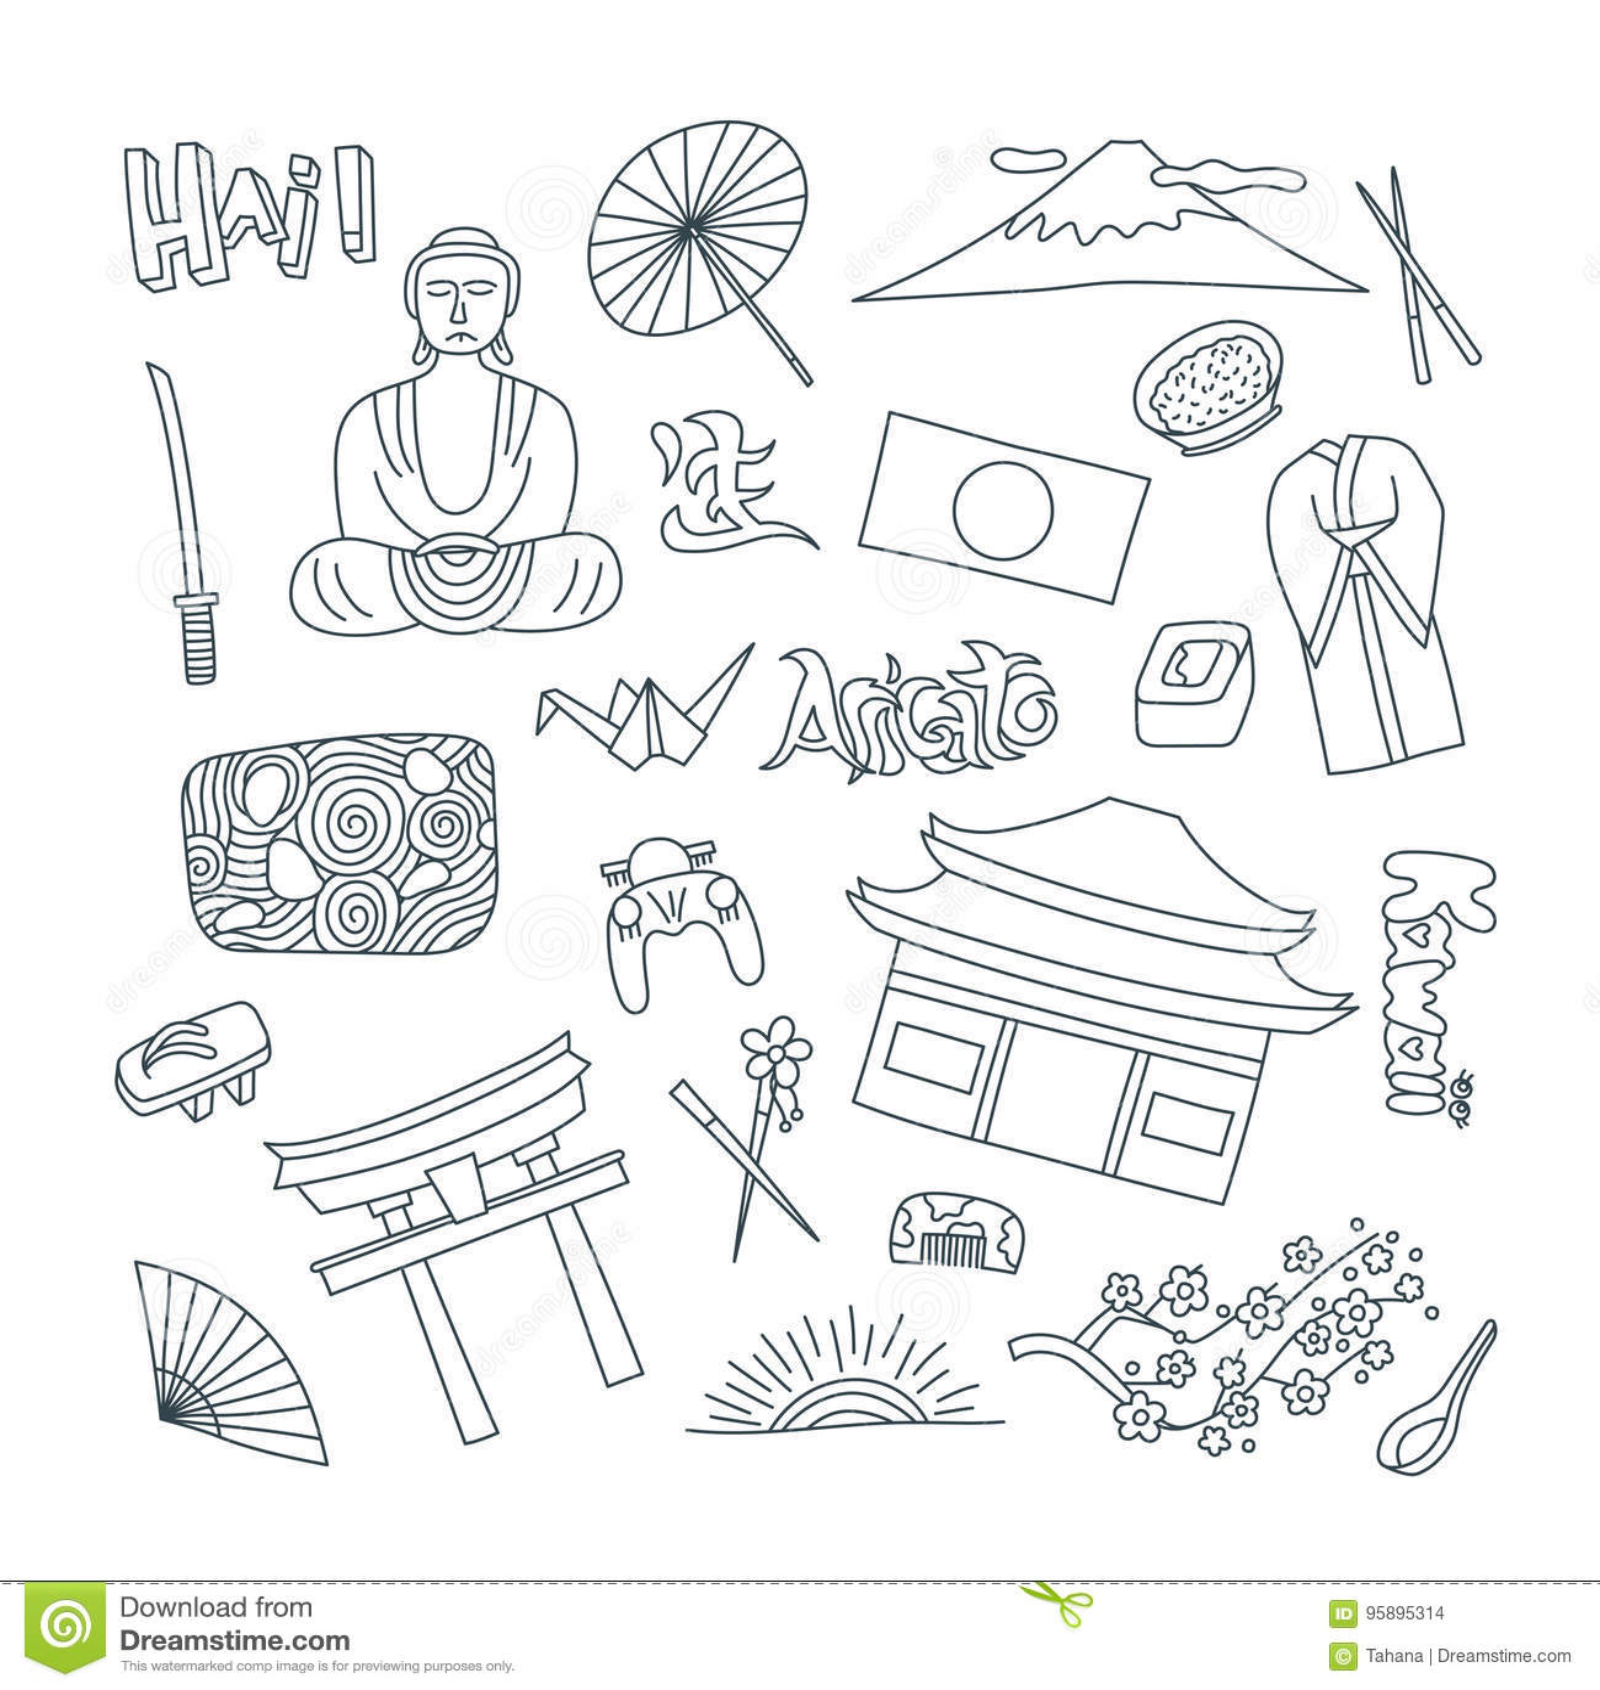 Значки нарисованные рукой с символами Японии - origami сада камня суш риса Будды флага Сакуры кимоно Стикеры, штыри и